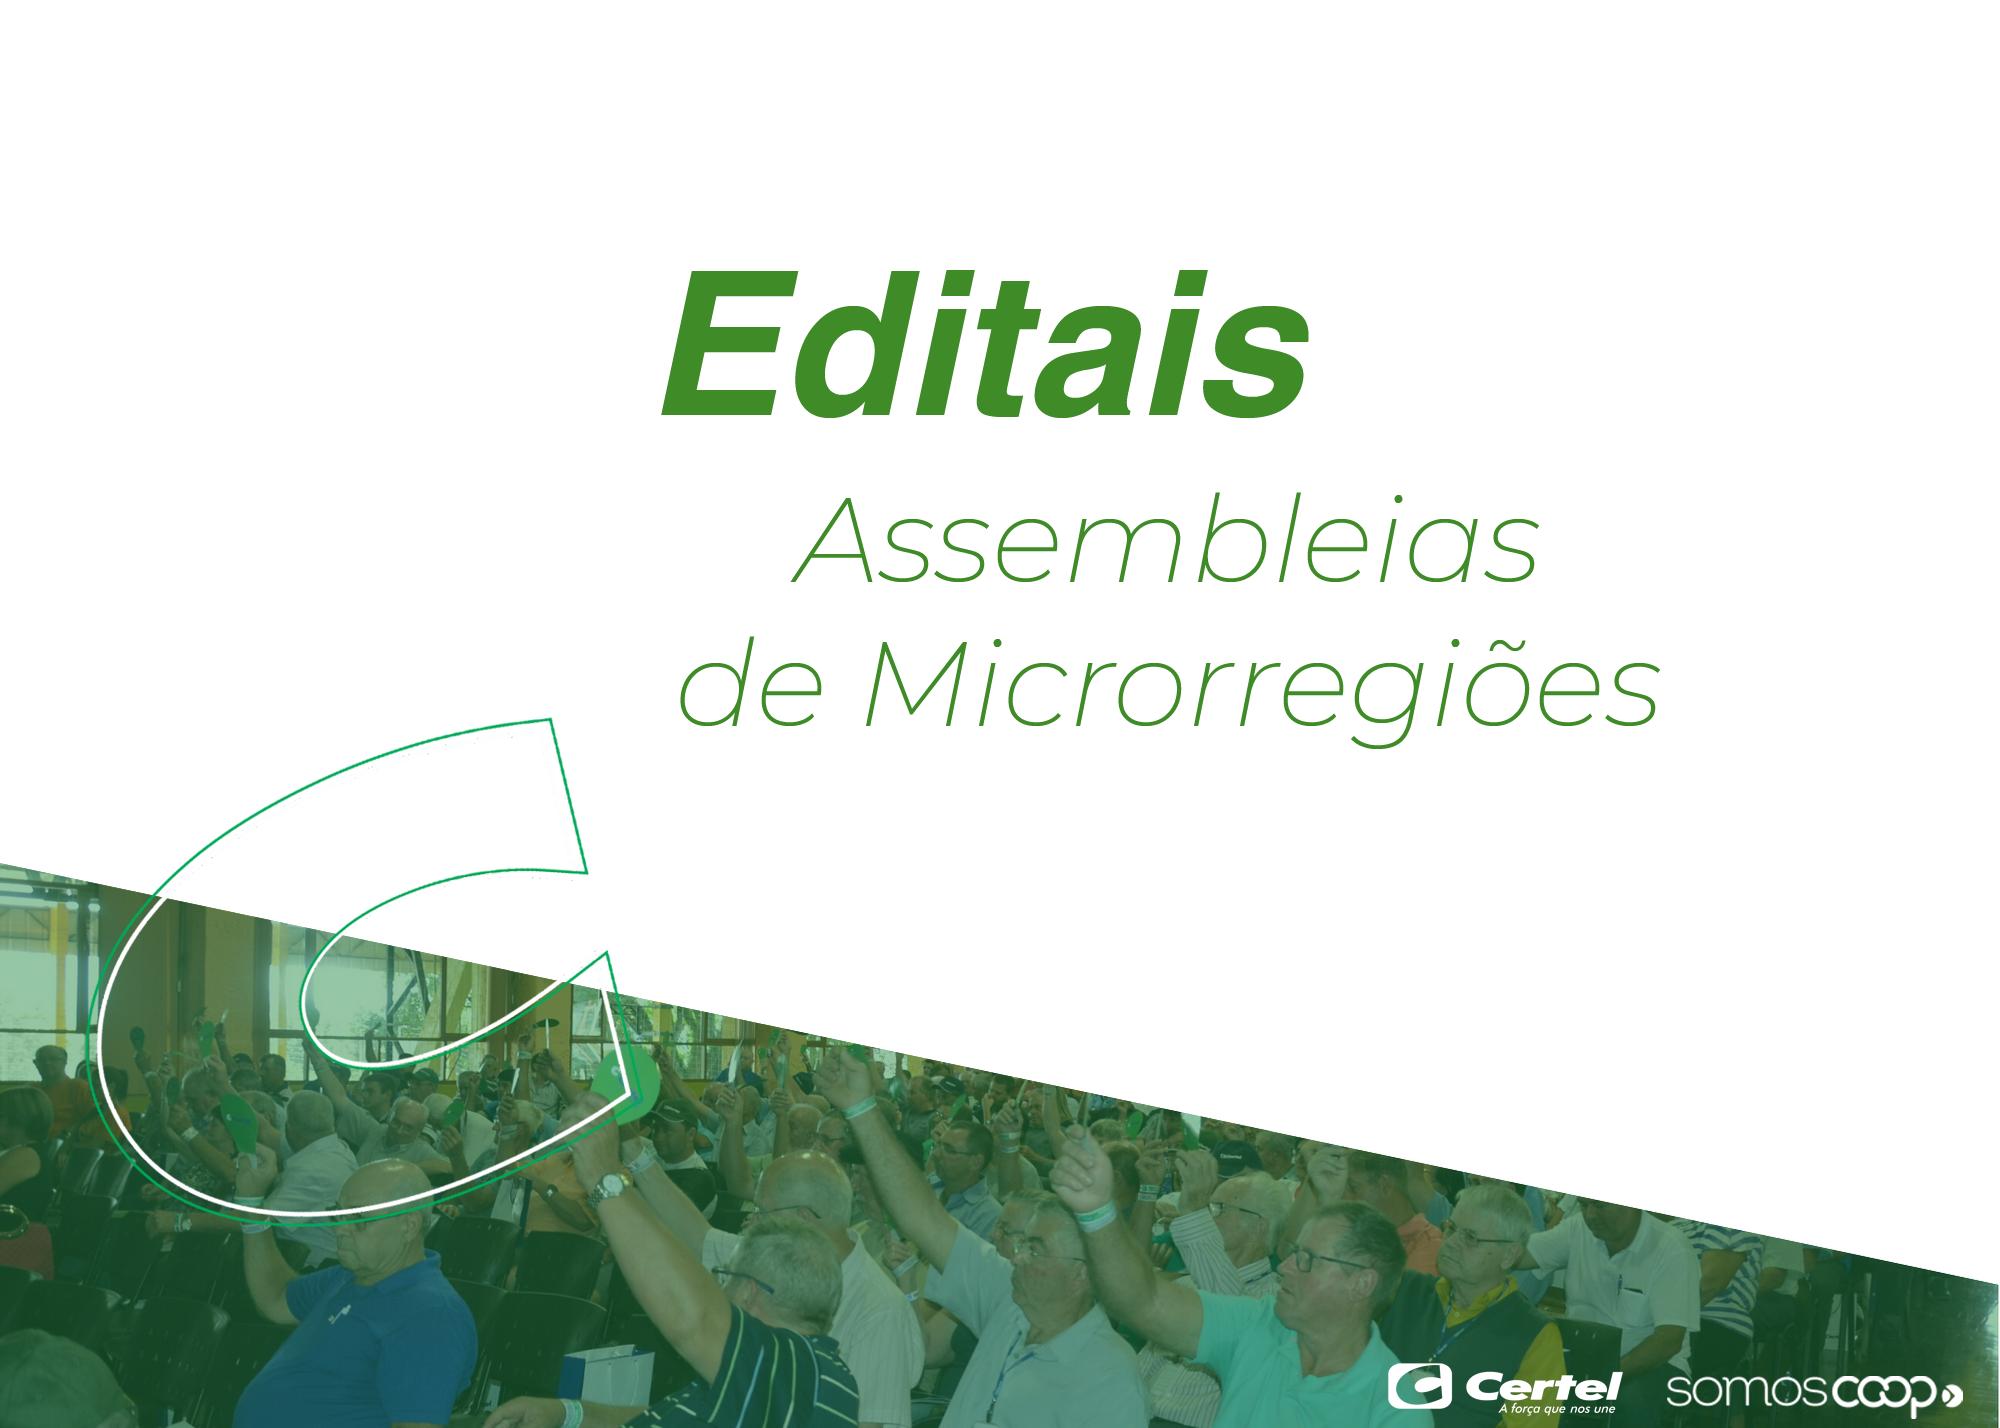 Editais de Assembleias de Microrregiões